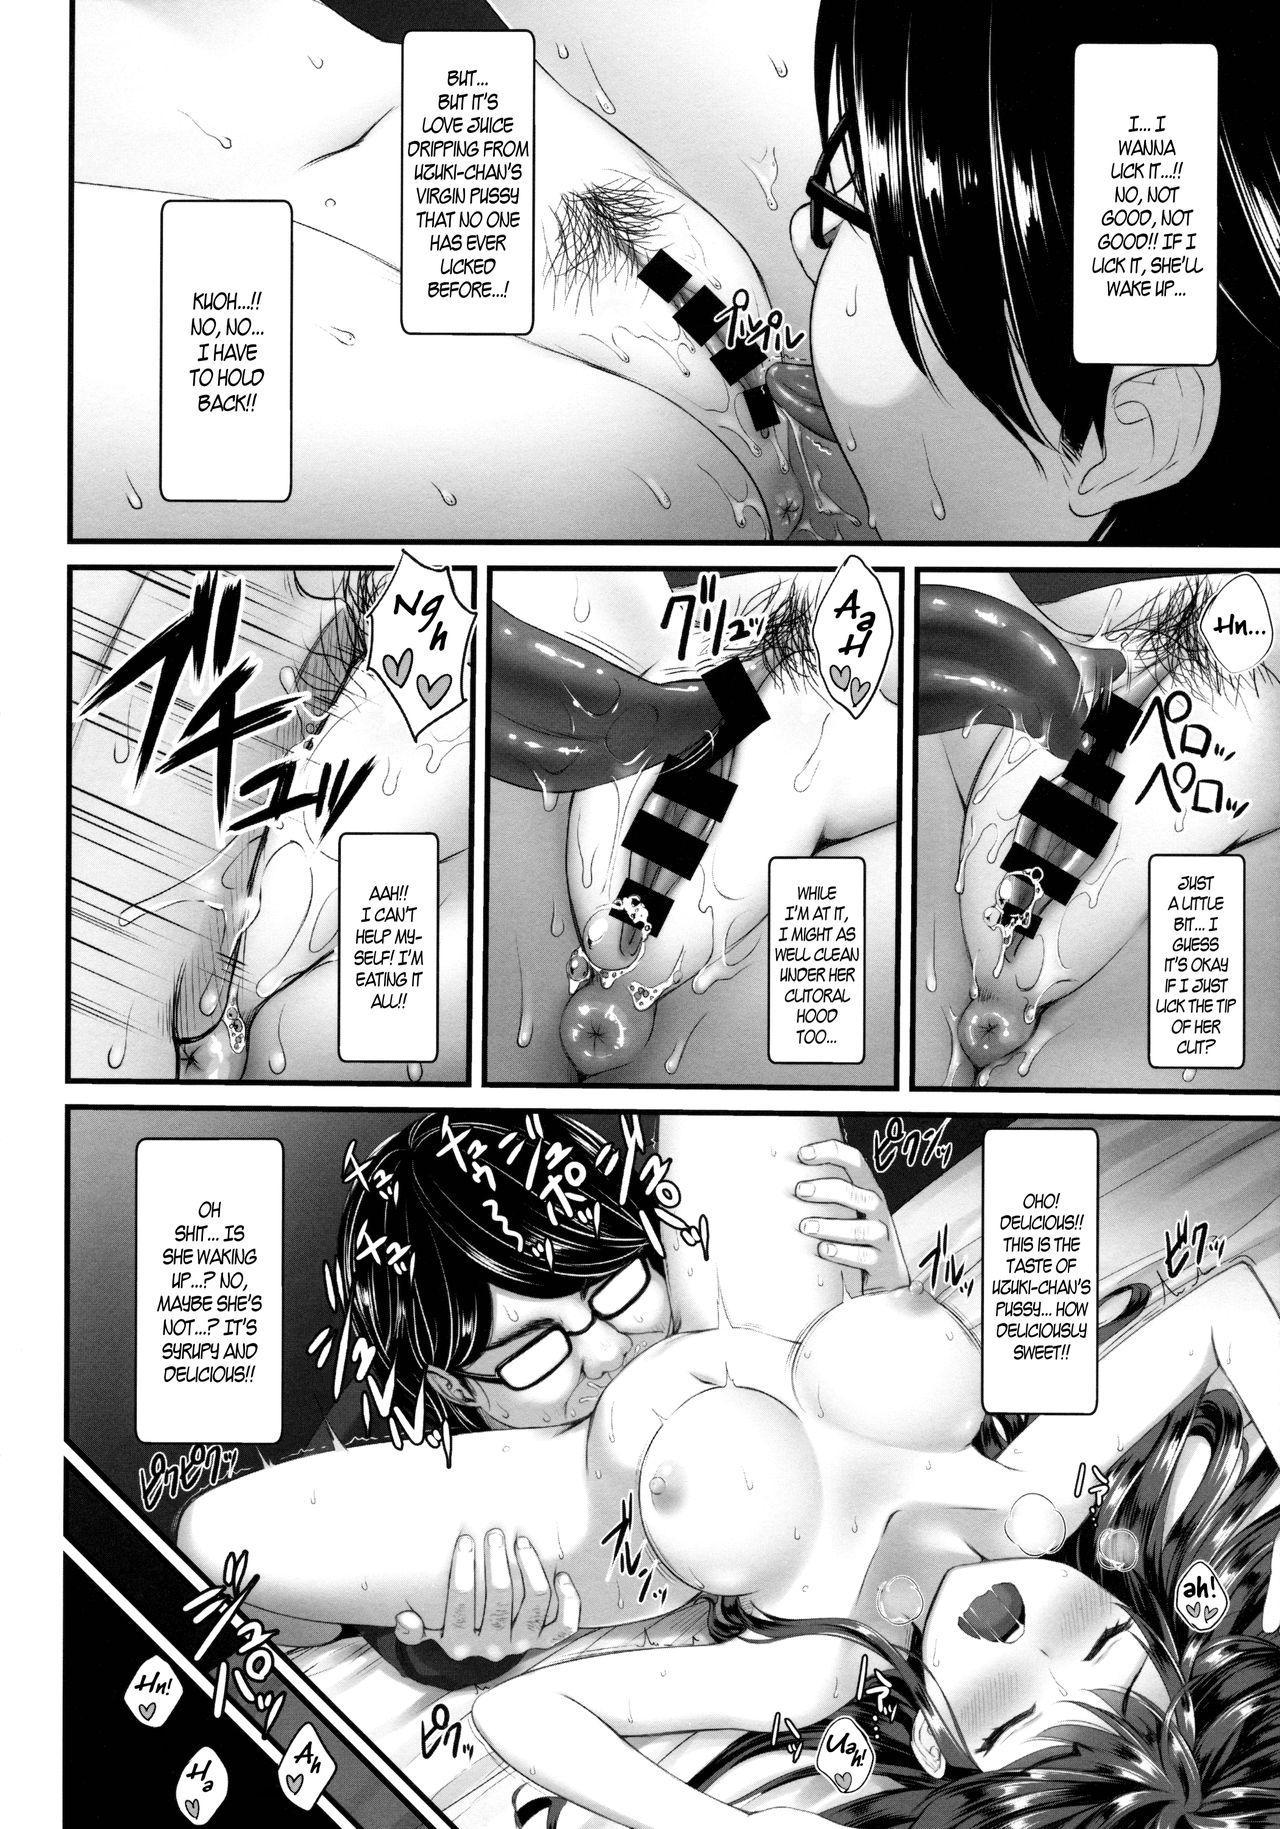 (C88) [Yakiniku Tabetai (Derauea)] Uzuki-chan no Suimin Kaihatsu ~Chiryou to Shoushita Honki no Kozukuri Sex~ | Uzuki-Chan's Sleep Development ~Real Baby-Making Sex Passed off as Treatment~ (THE IDOLM@STER CINDERELLA GIRLS) [English] [B.E.C. Scans] 8